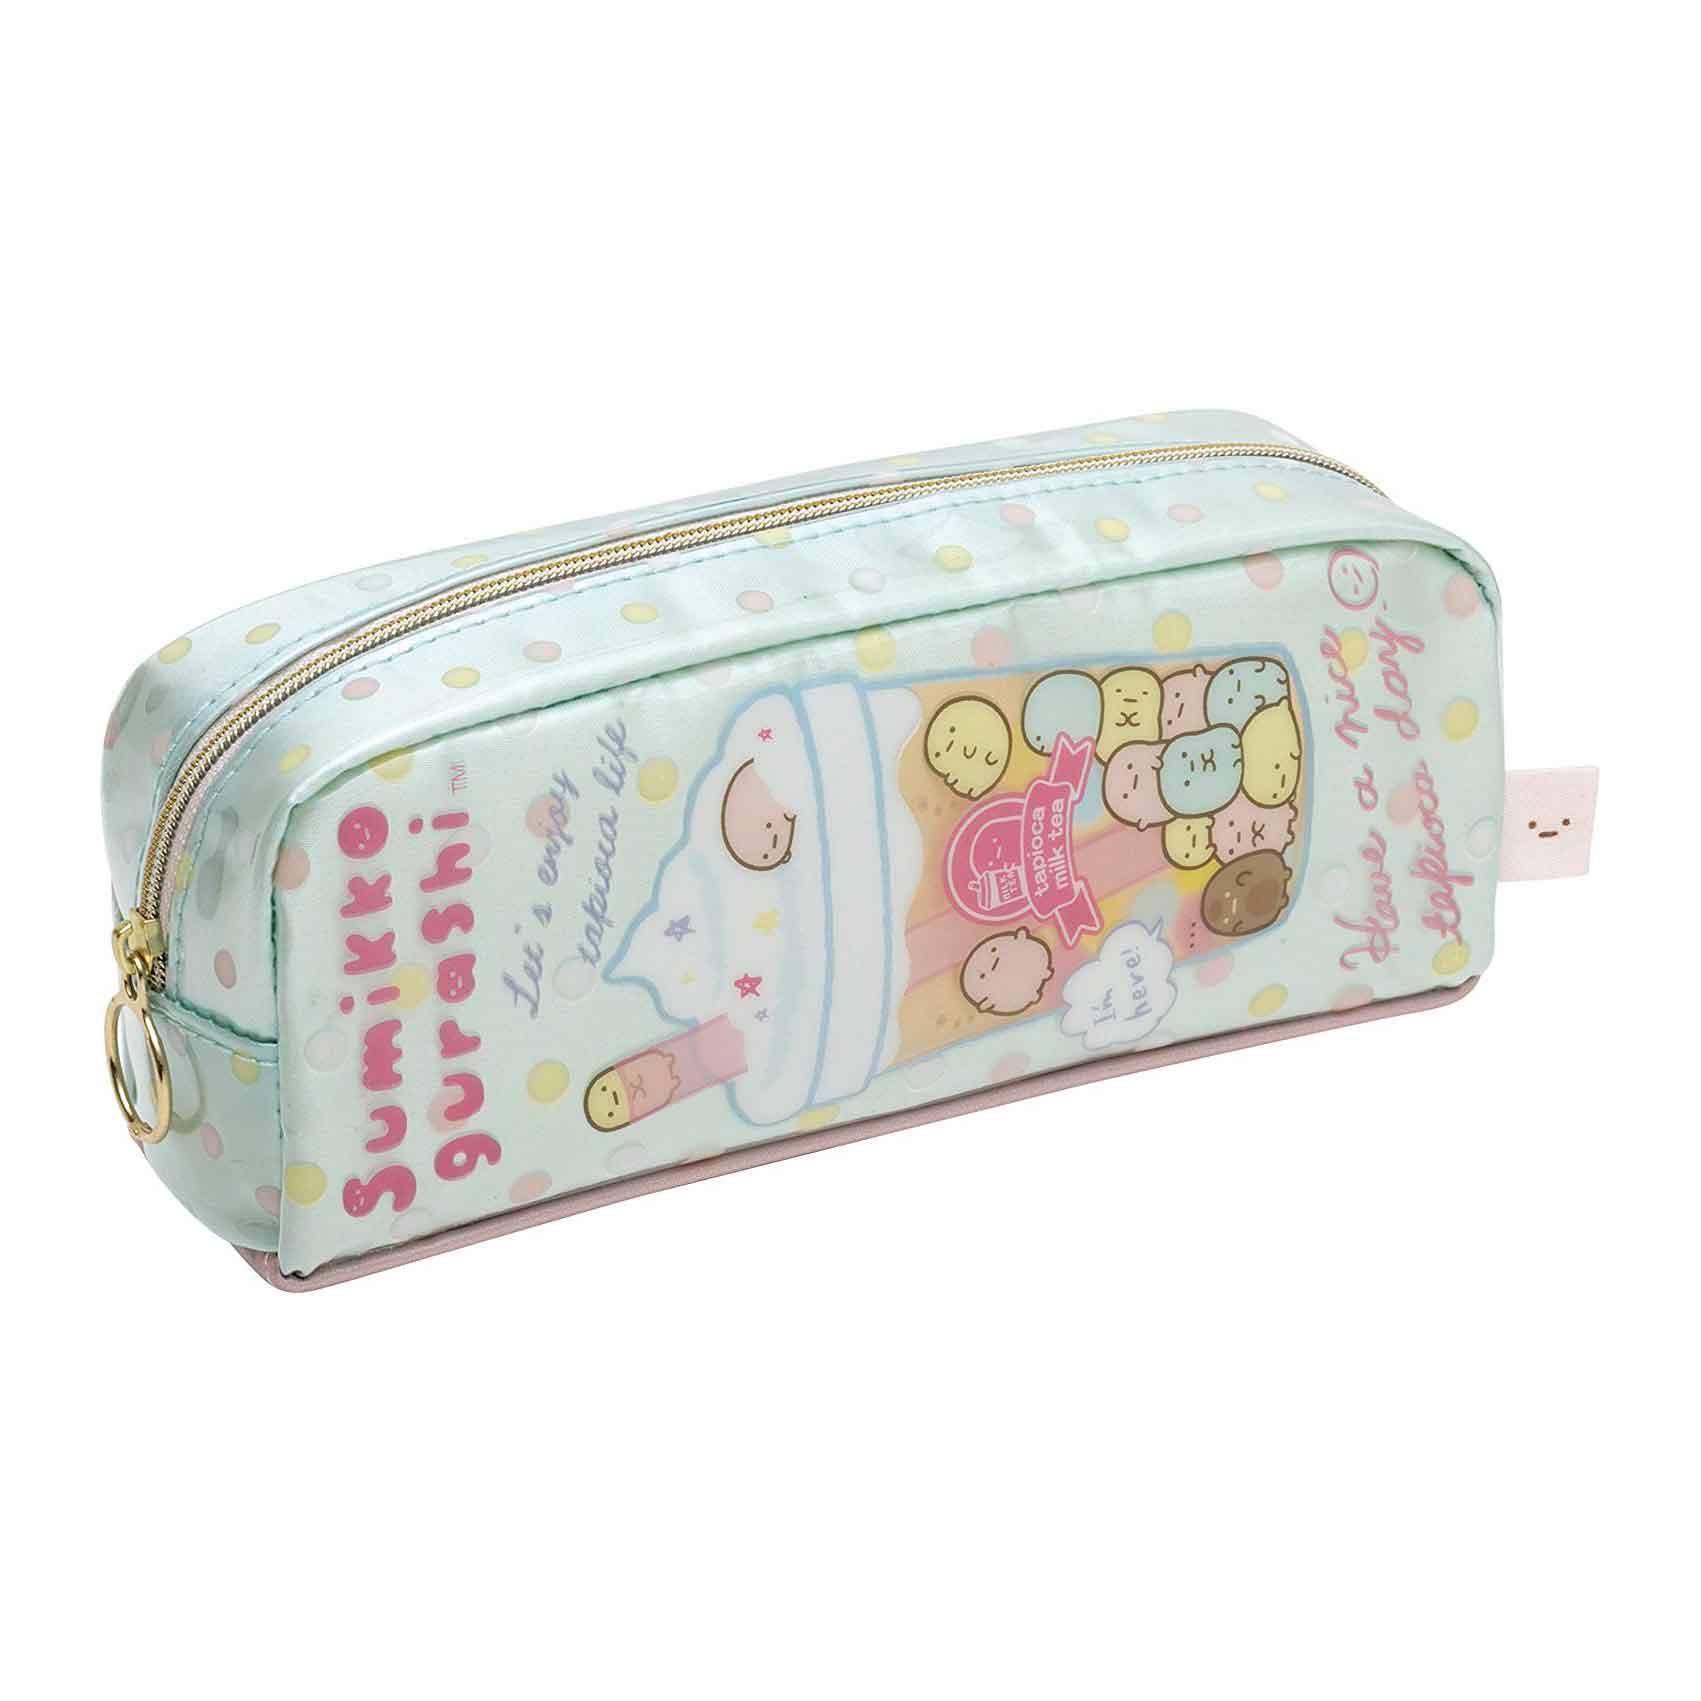 【角落生物鉛筆袋】角落生物 鉛筆盒 鉛筆袋 收納袋 冰淇淋  該該貝比  ☆